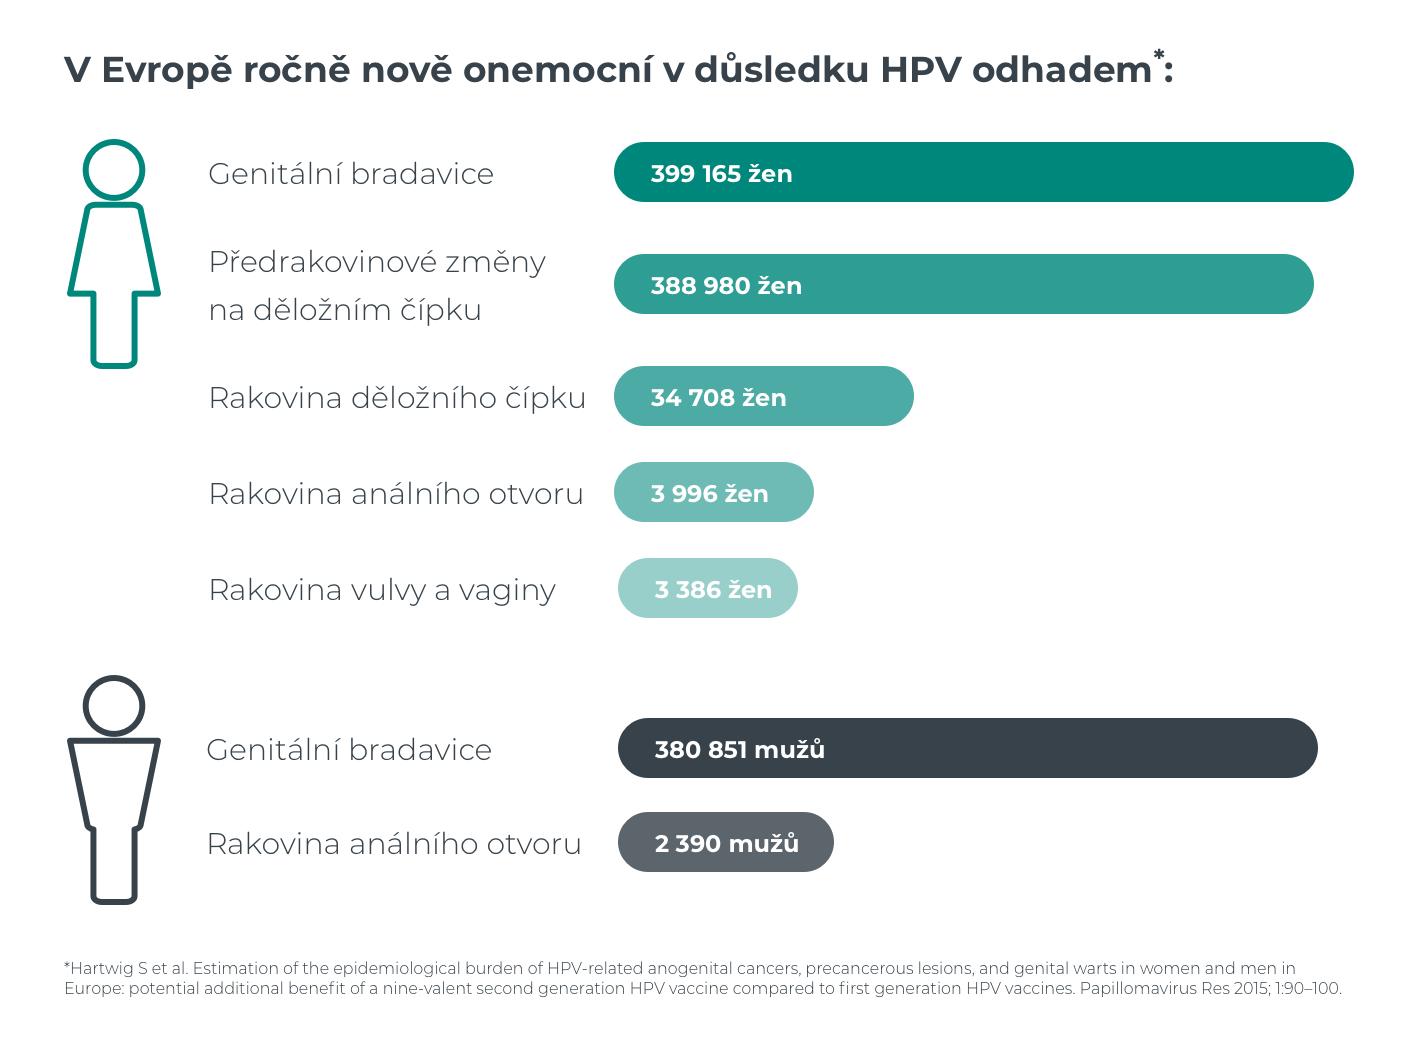 Hpv végbélrák tünetei. A HPV-fertőzés tünetei nőkben és férfiakban - Medicover